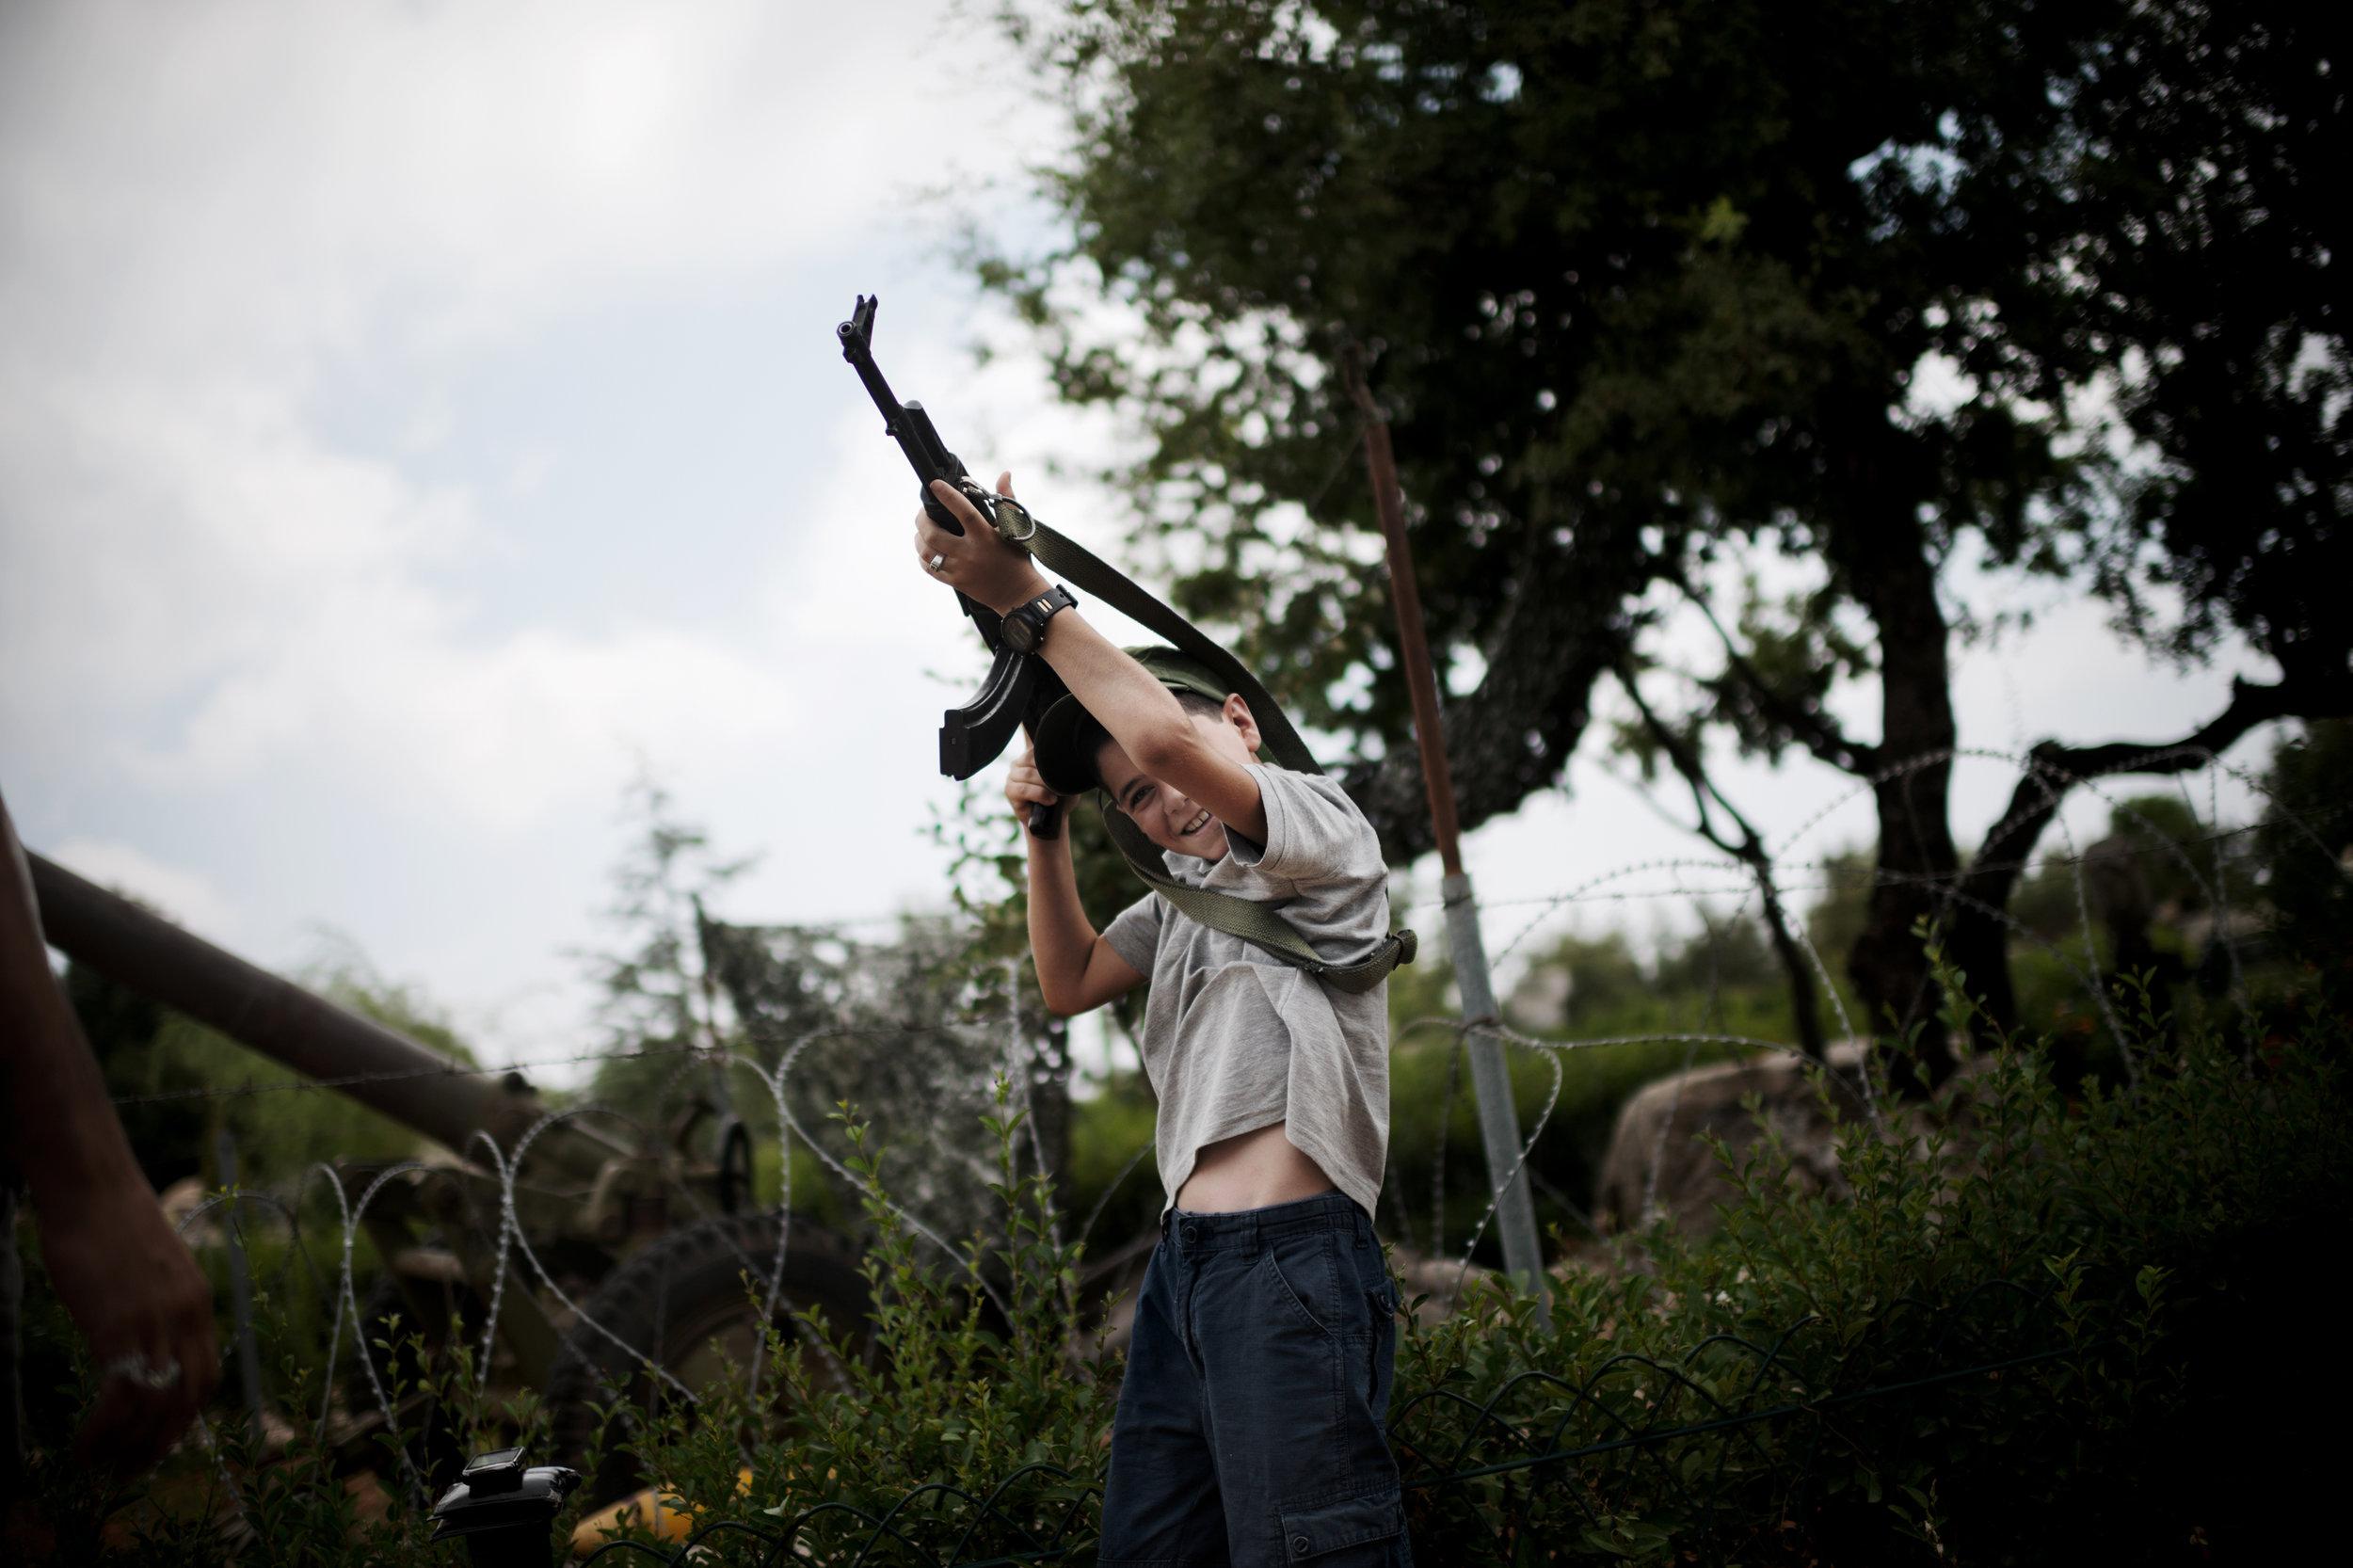 utvalg_hizbollah_park_04.jpg